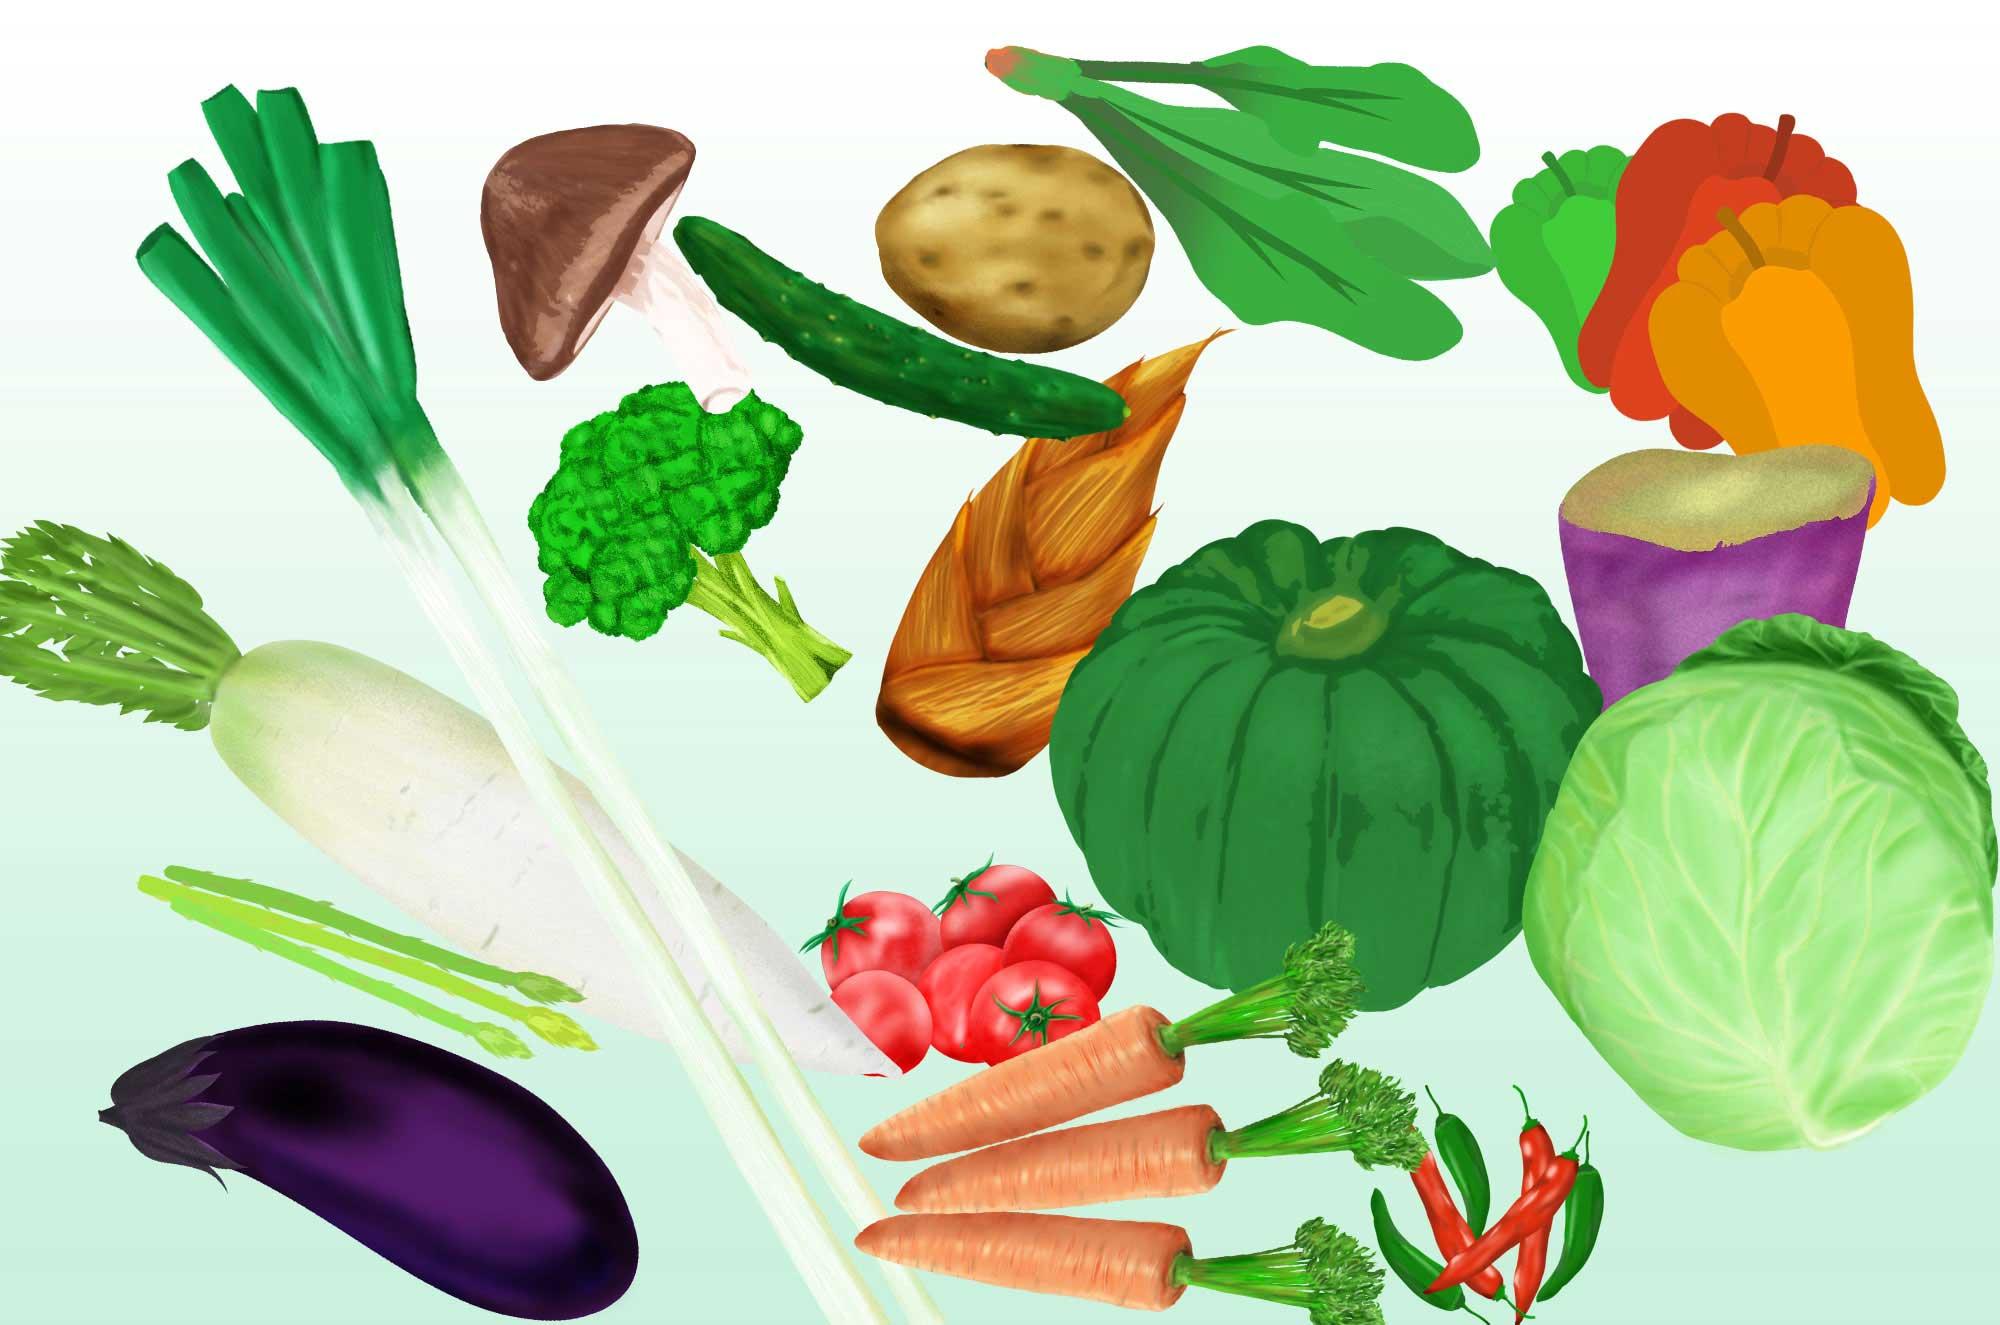 野菜イラスト - 全てフリーの手描きの可愛い無料素材 - チコデザ